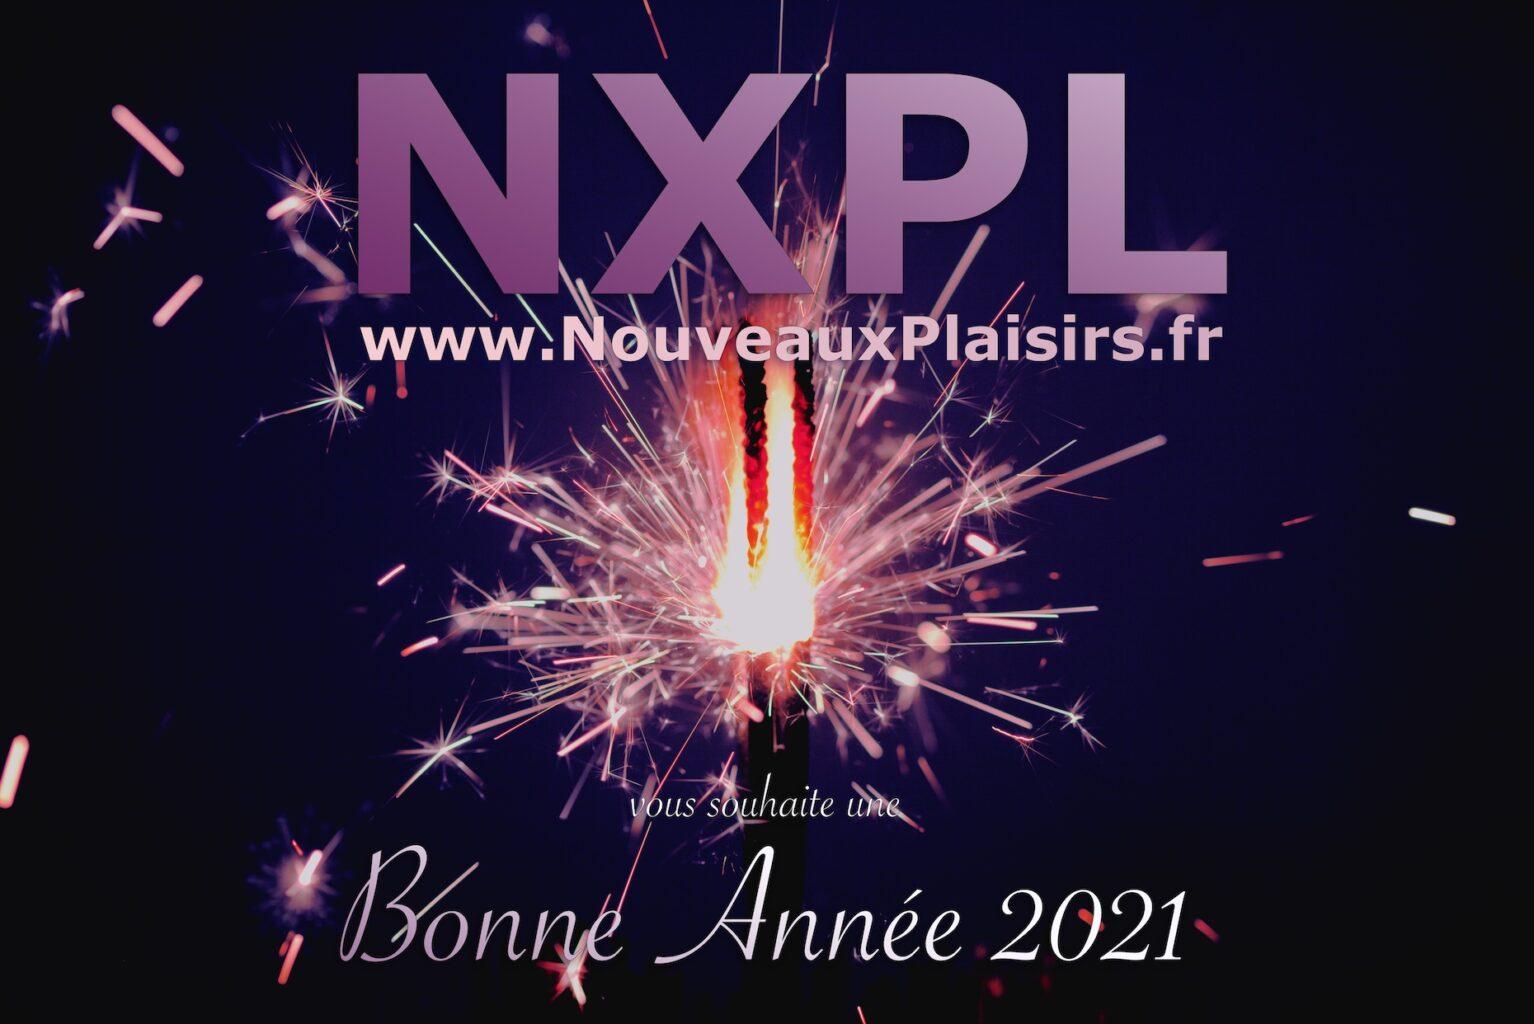 Bonne Année 2021 - NXPL